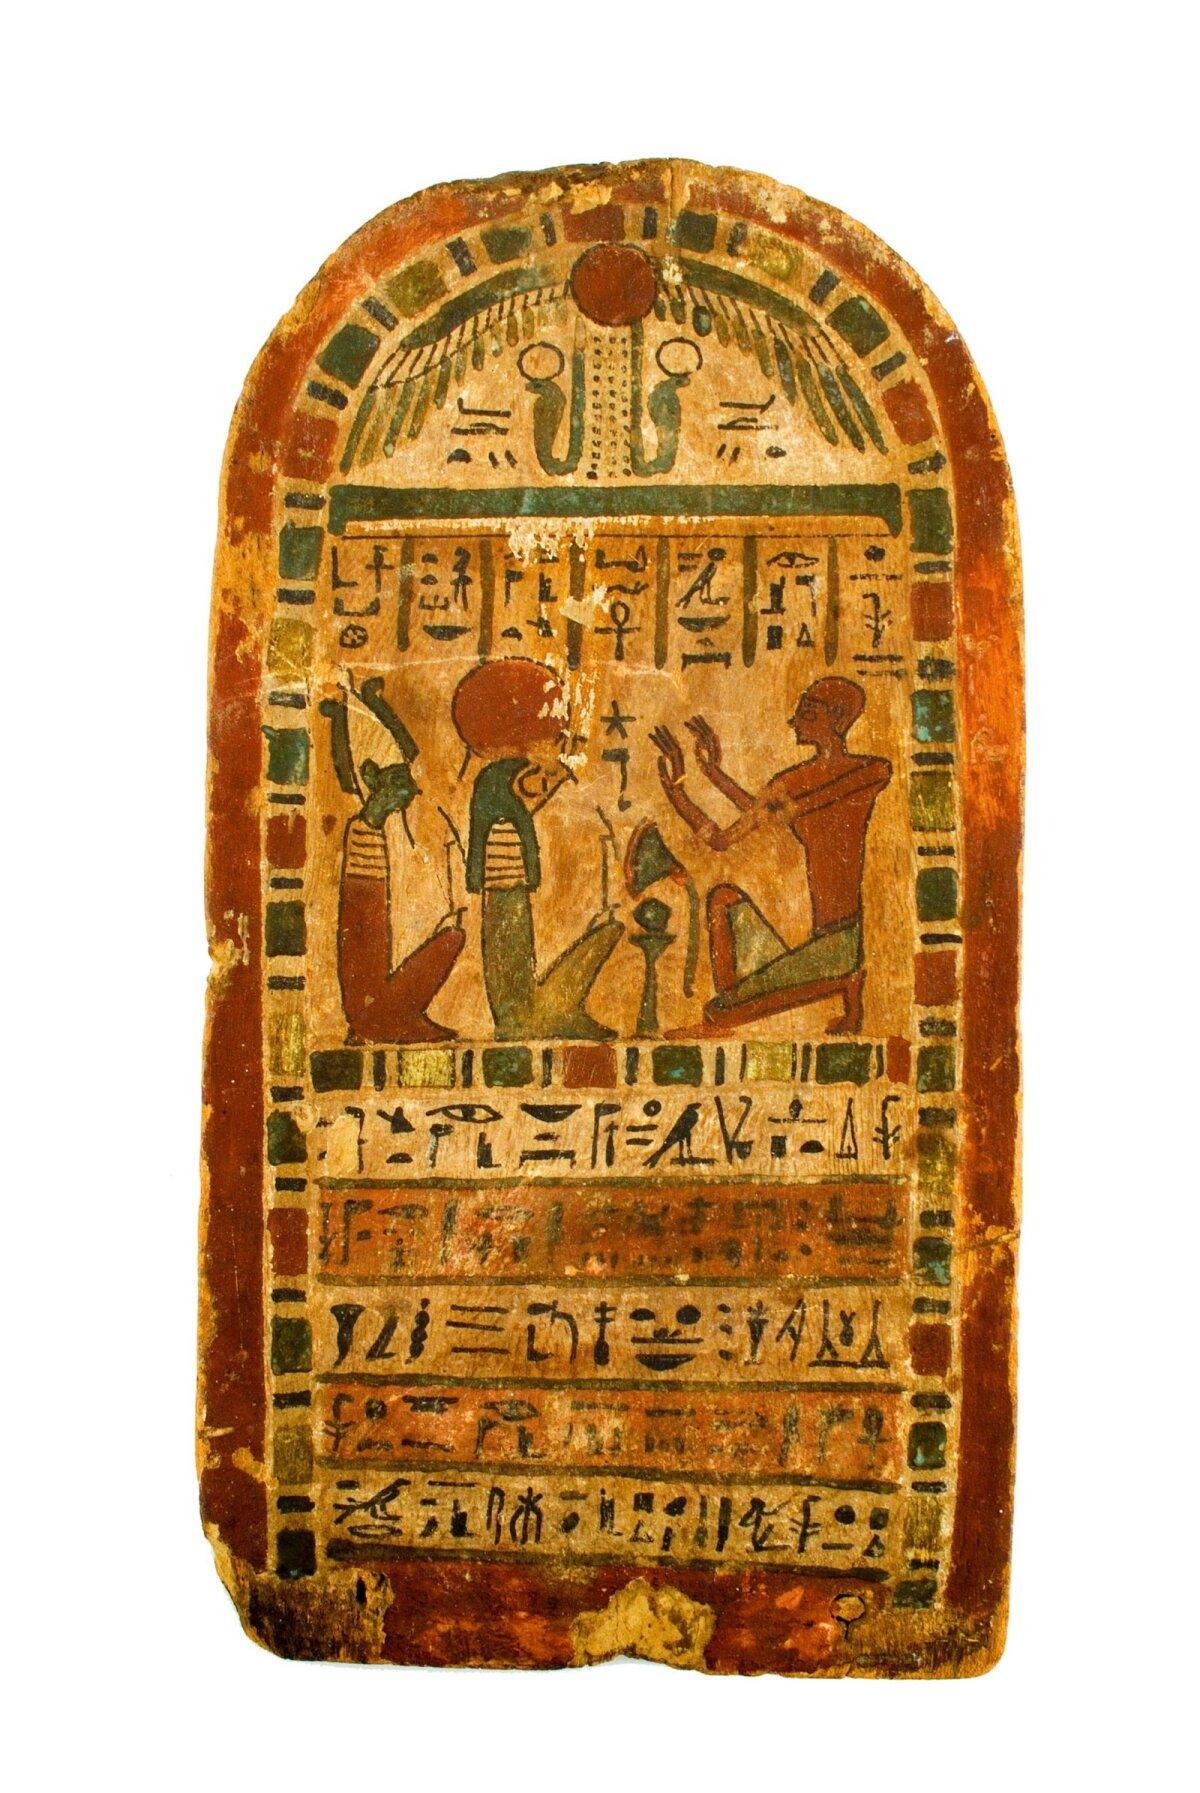 Деревянная стела высотой около полуметра из гробницы жреца Падихонса